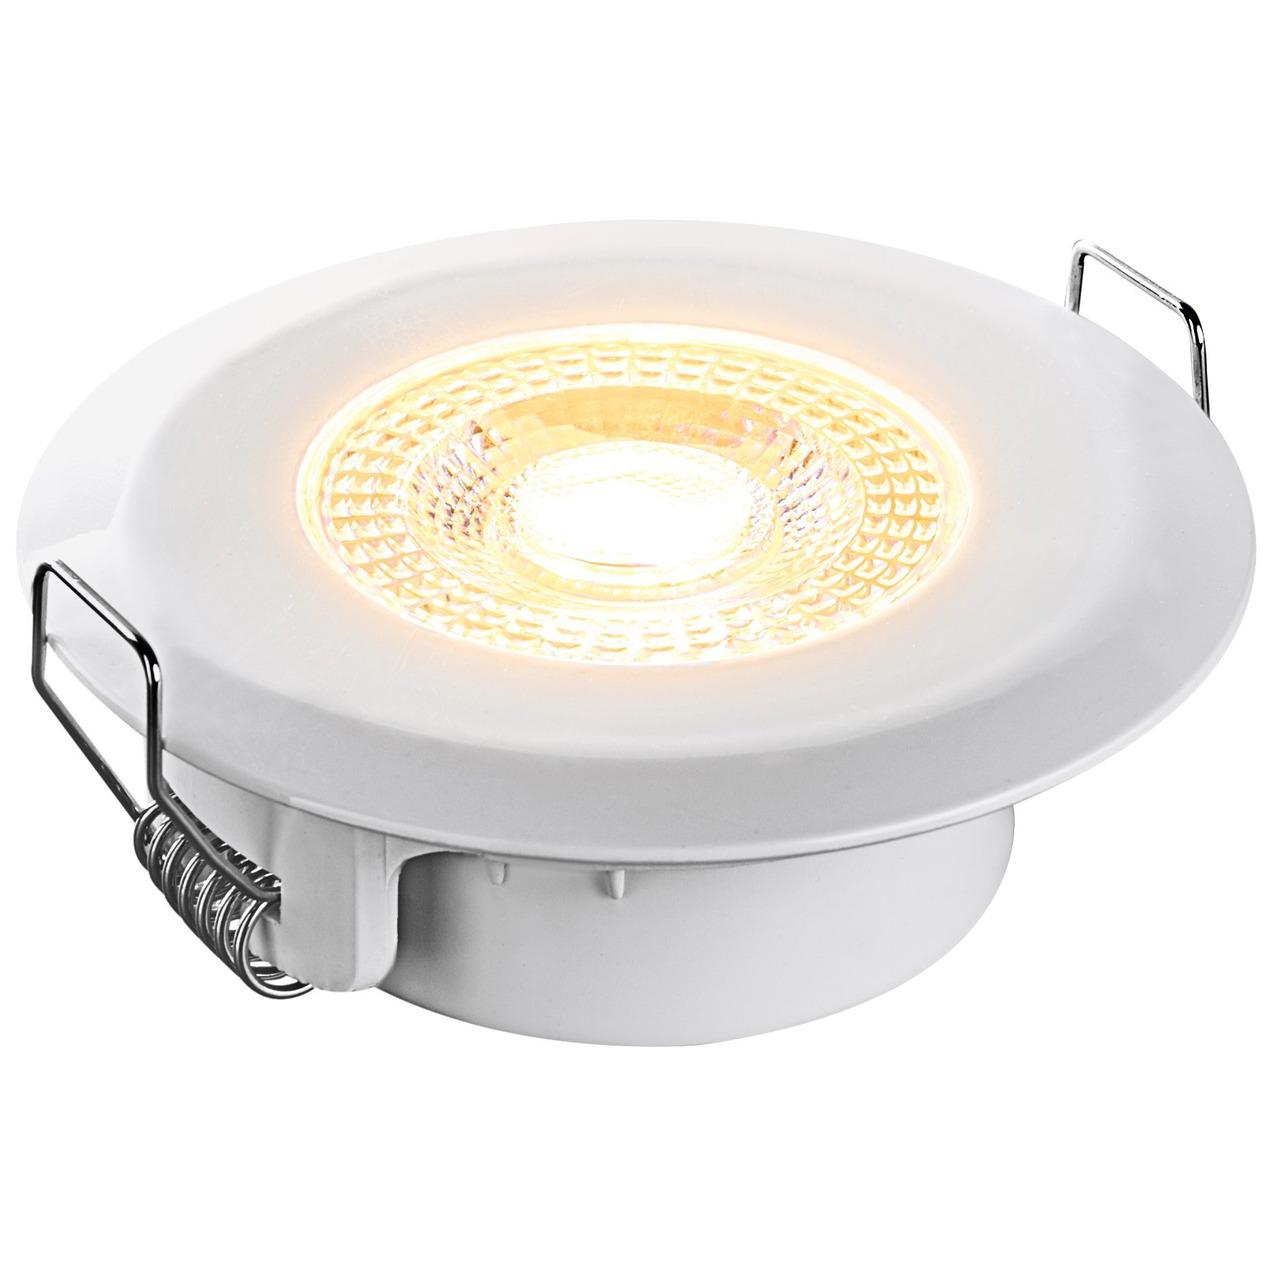 HEITRONIC 5-W-LED-Einbaustrahler DL7202- rund- weiund-223 - dimmbar per Lichtschalter- IP44